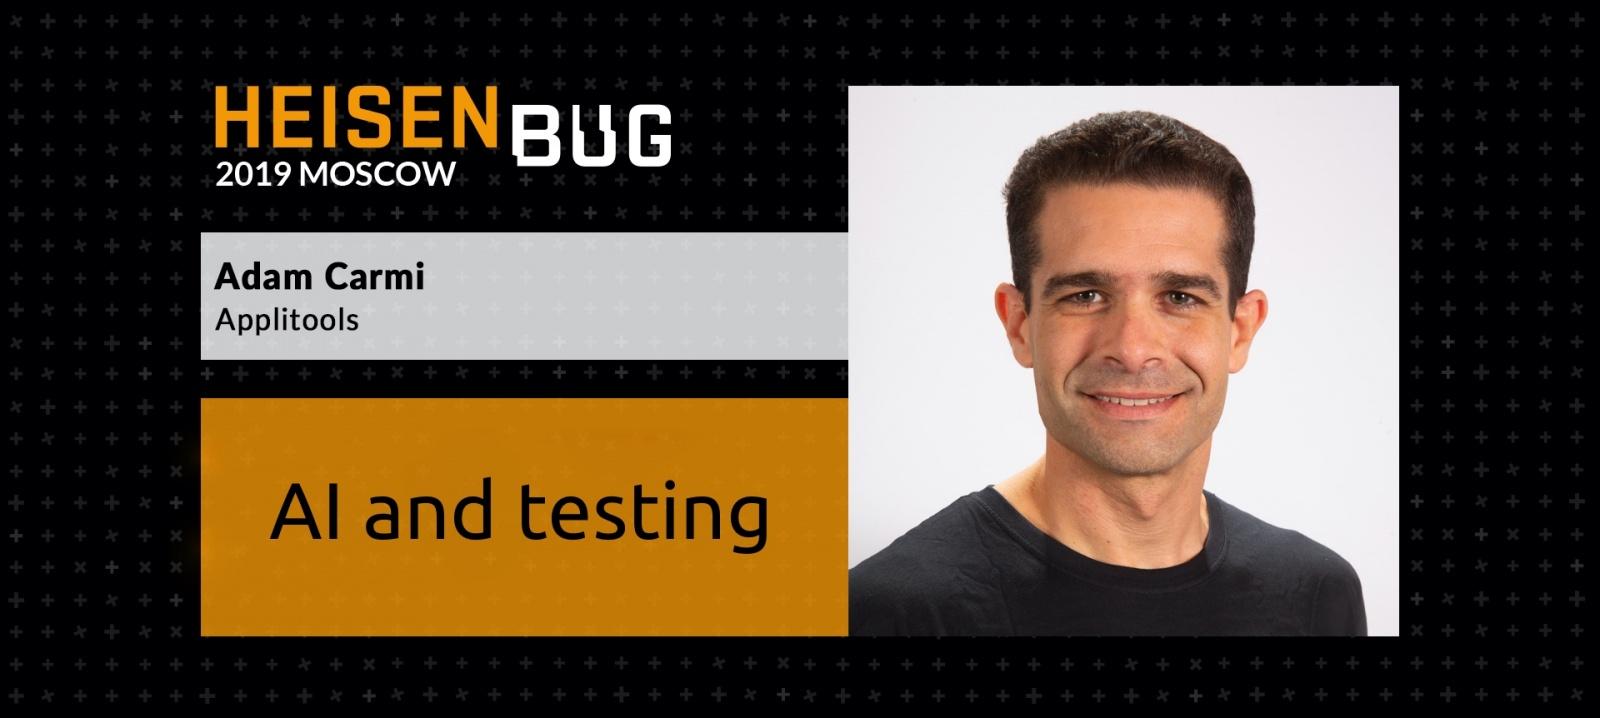 Тестирование AI и стартаперство: интервью с Адамом Карми (Applitools) - 1